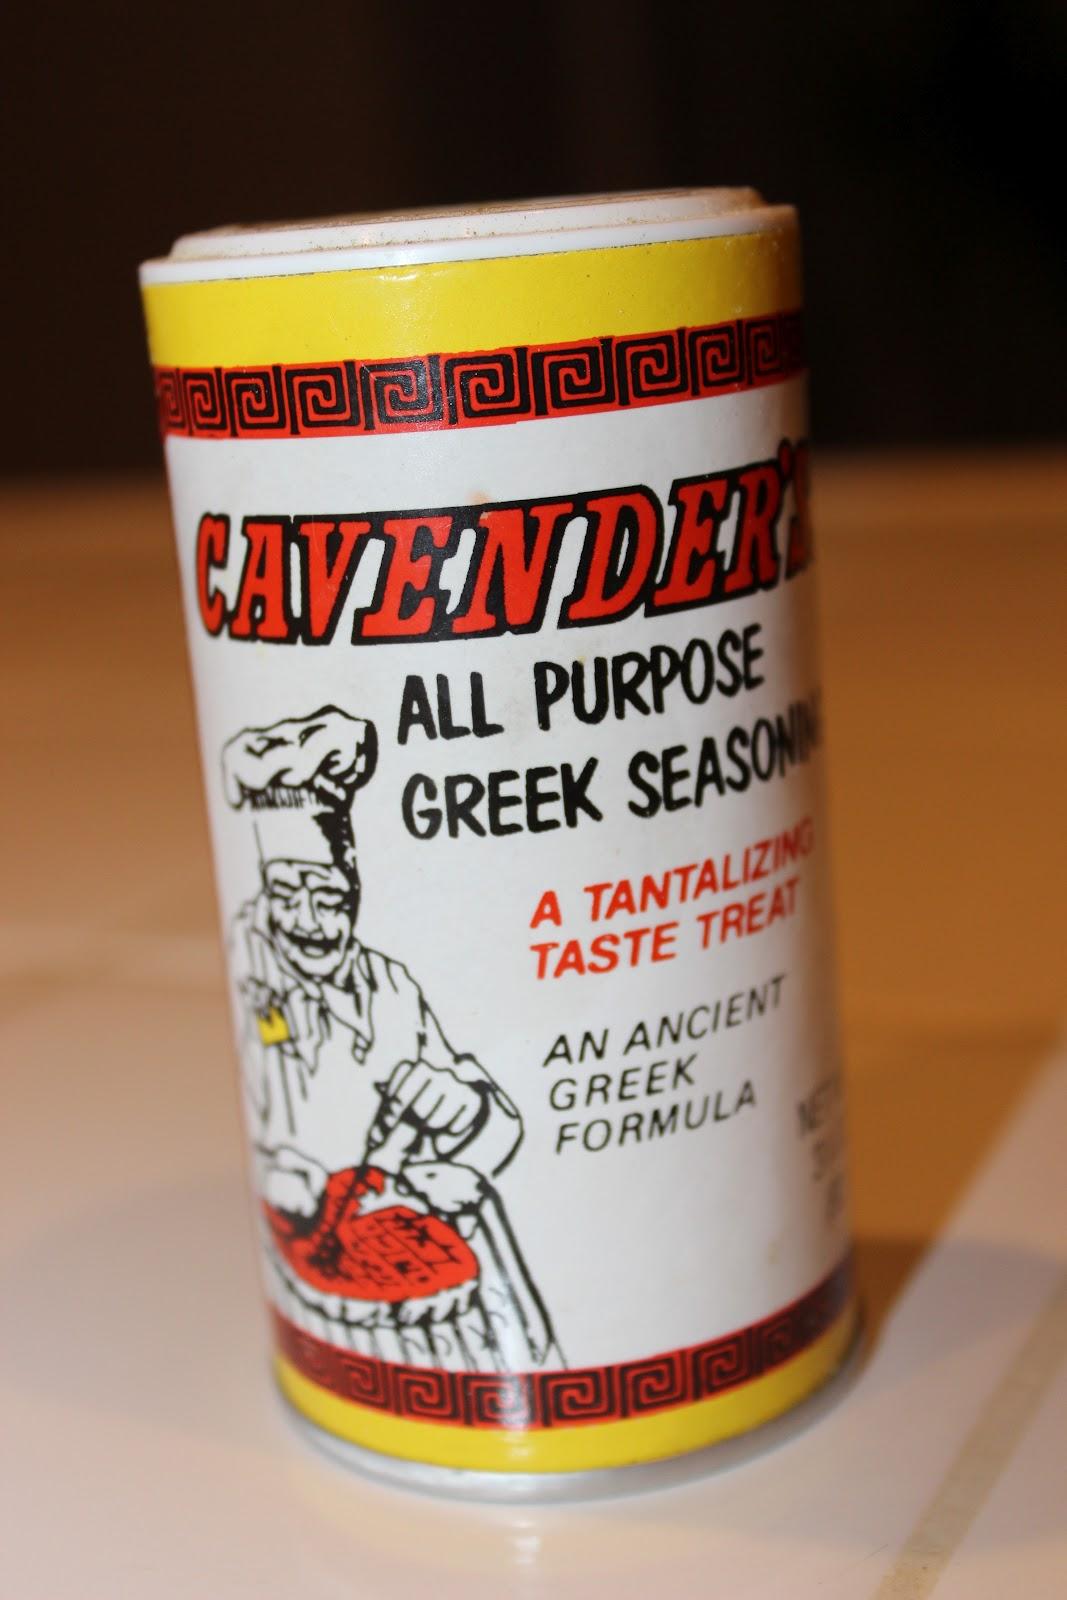 Cavenders greek